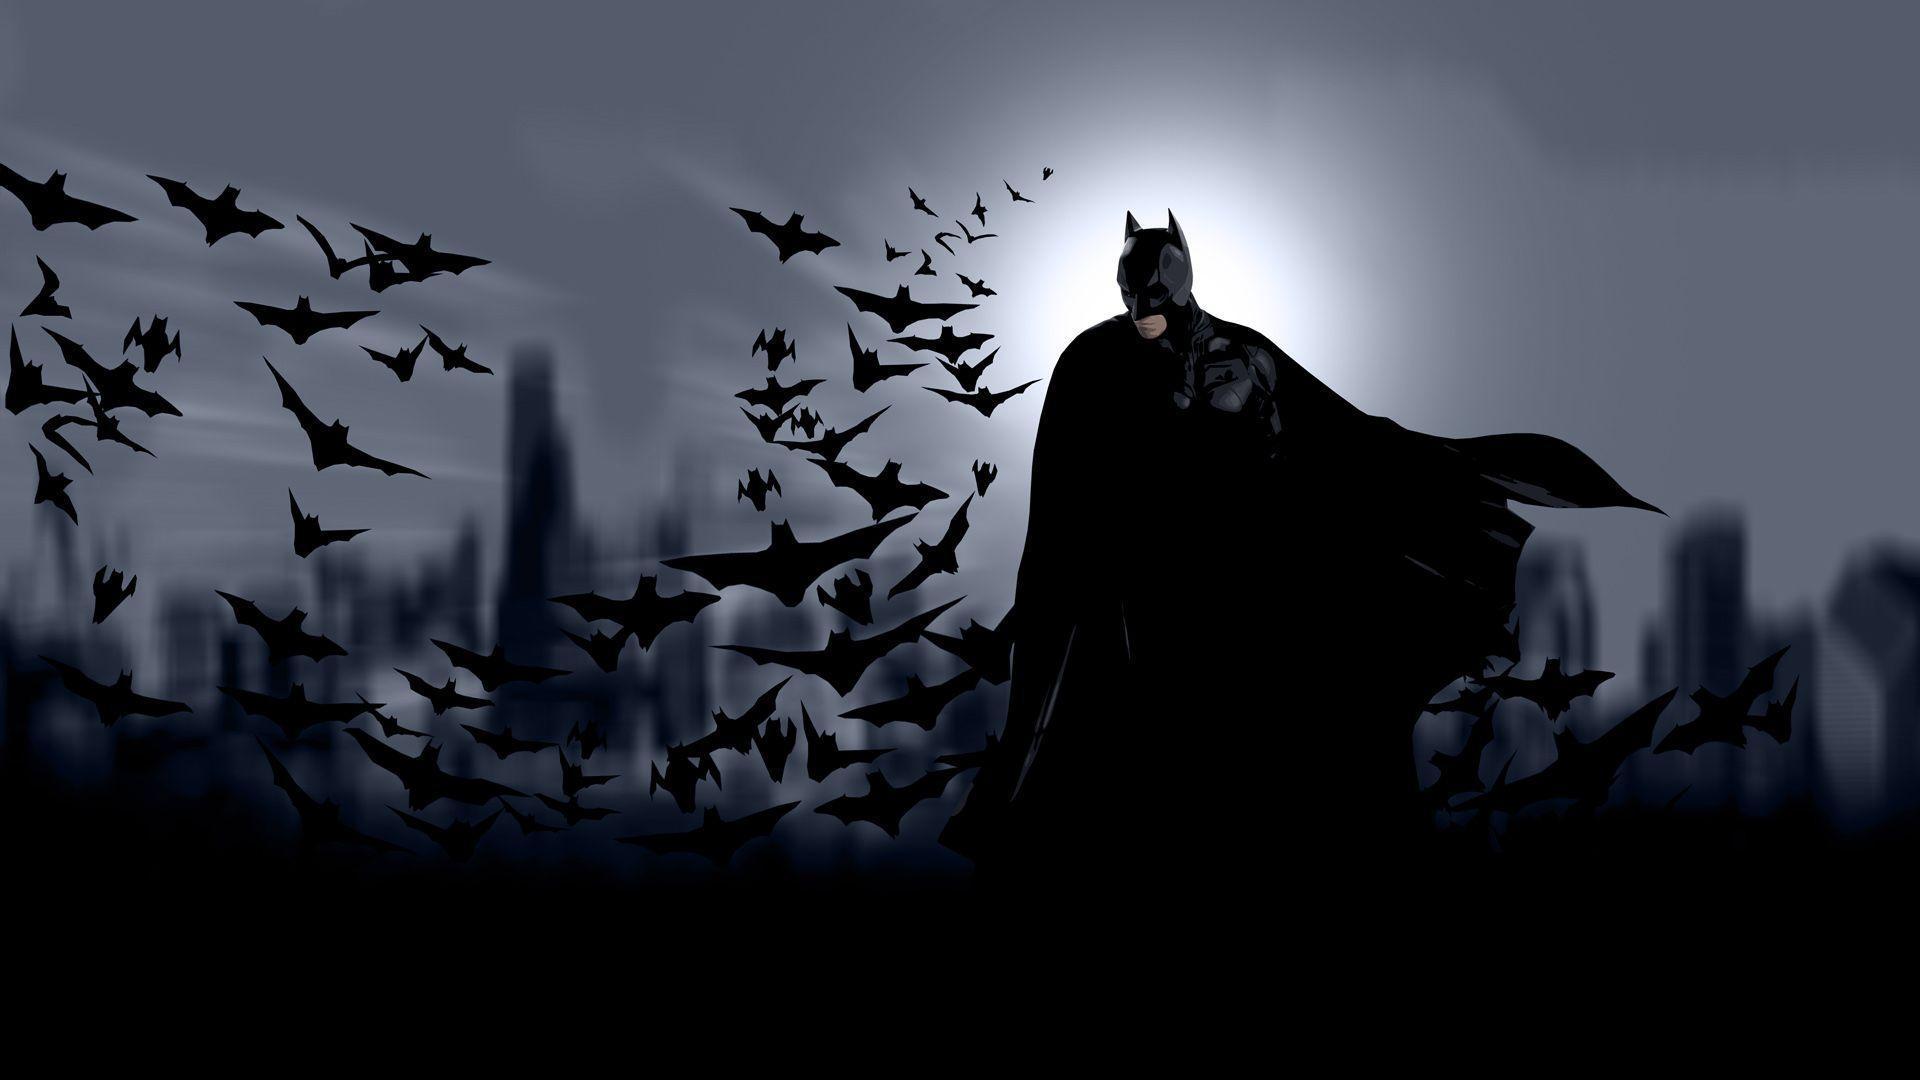 batman wallpaper 4k for mobile